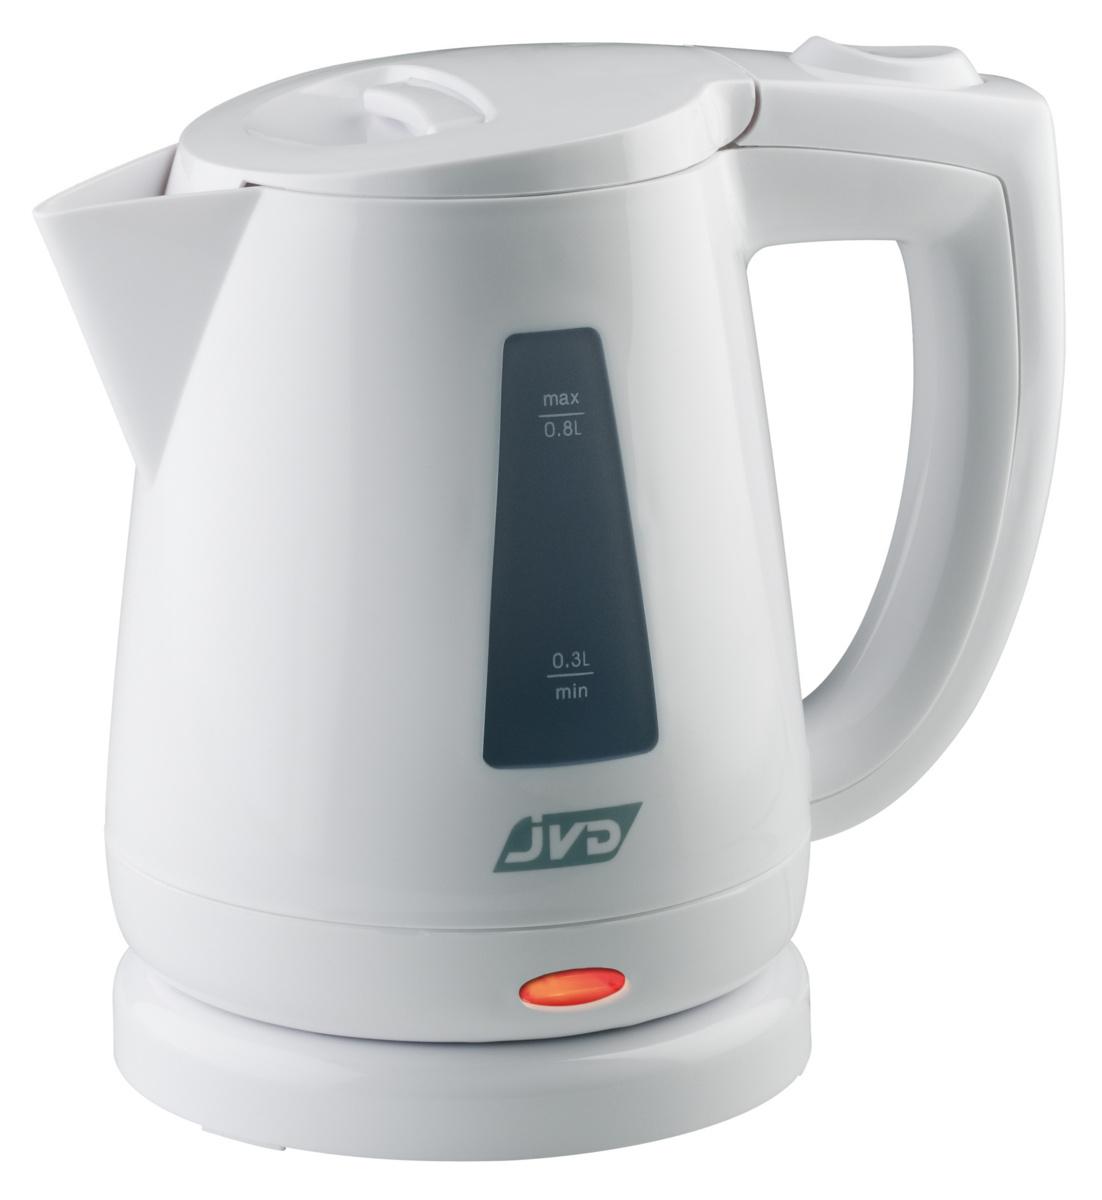 Bouilloire électrique abs blanc 1100 W Zenith Jvd